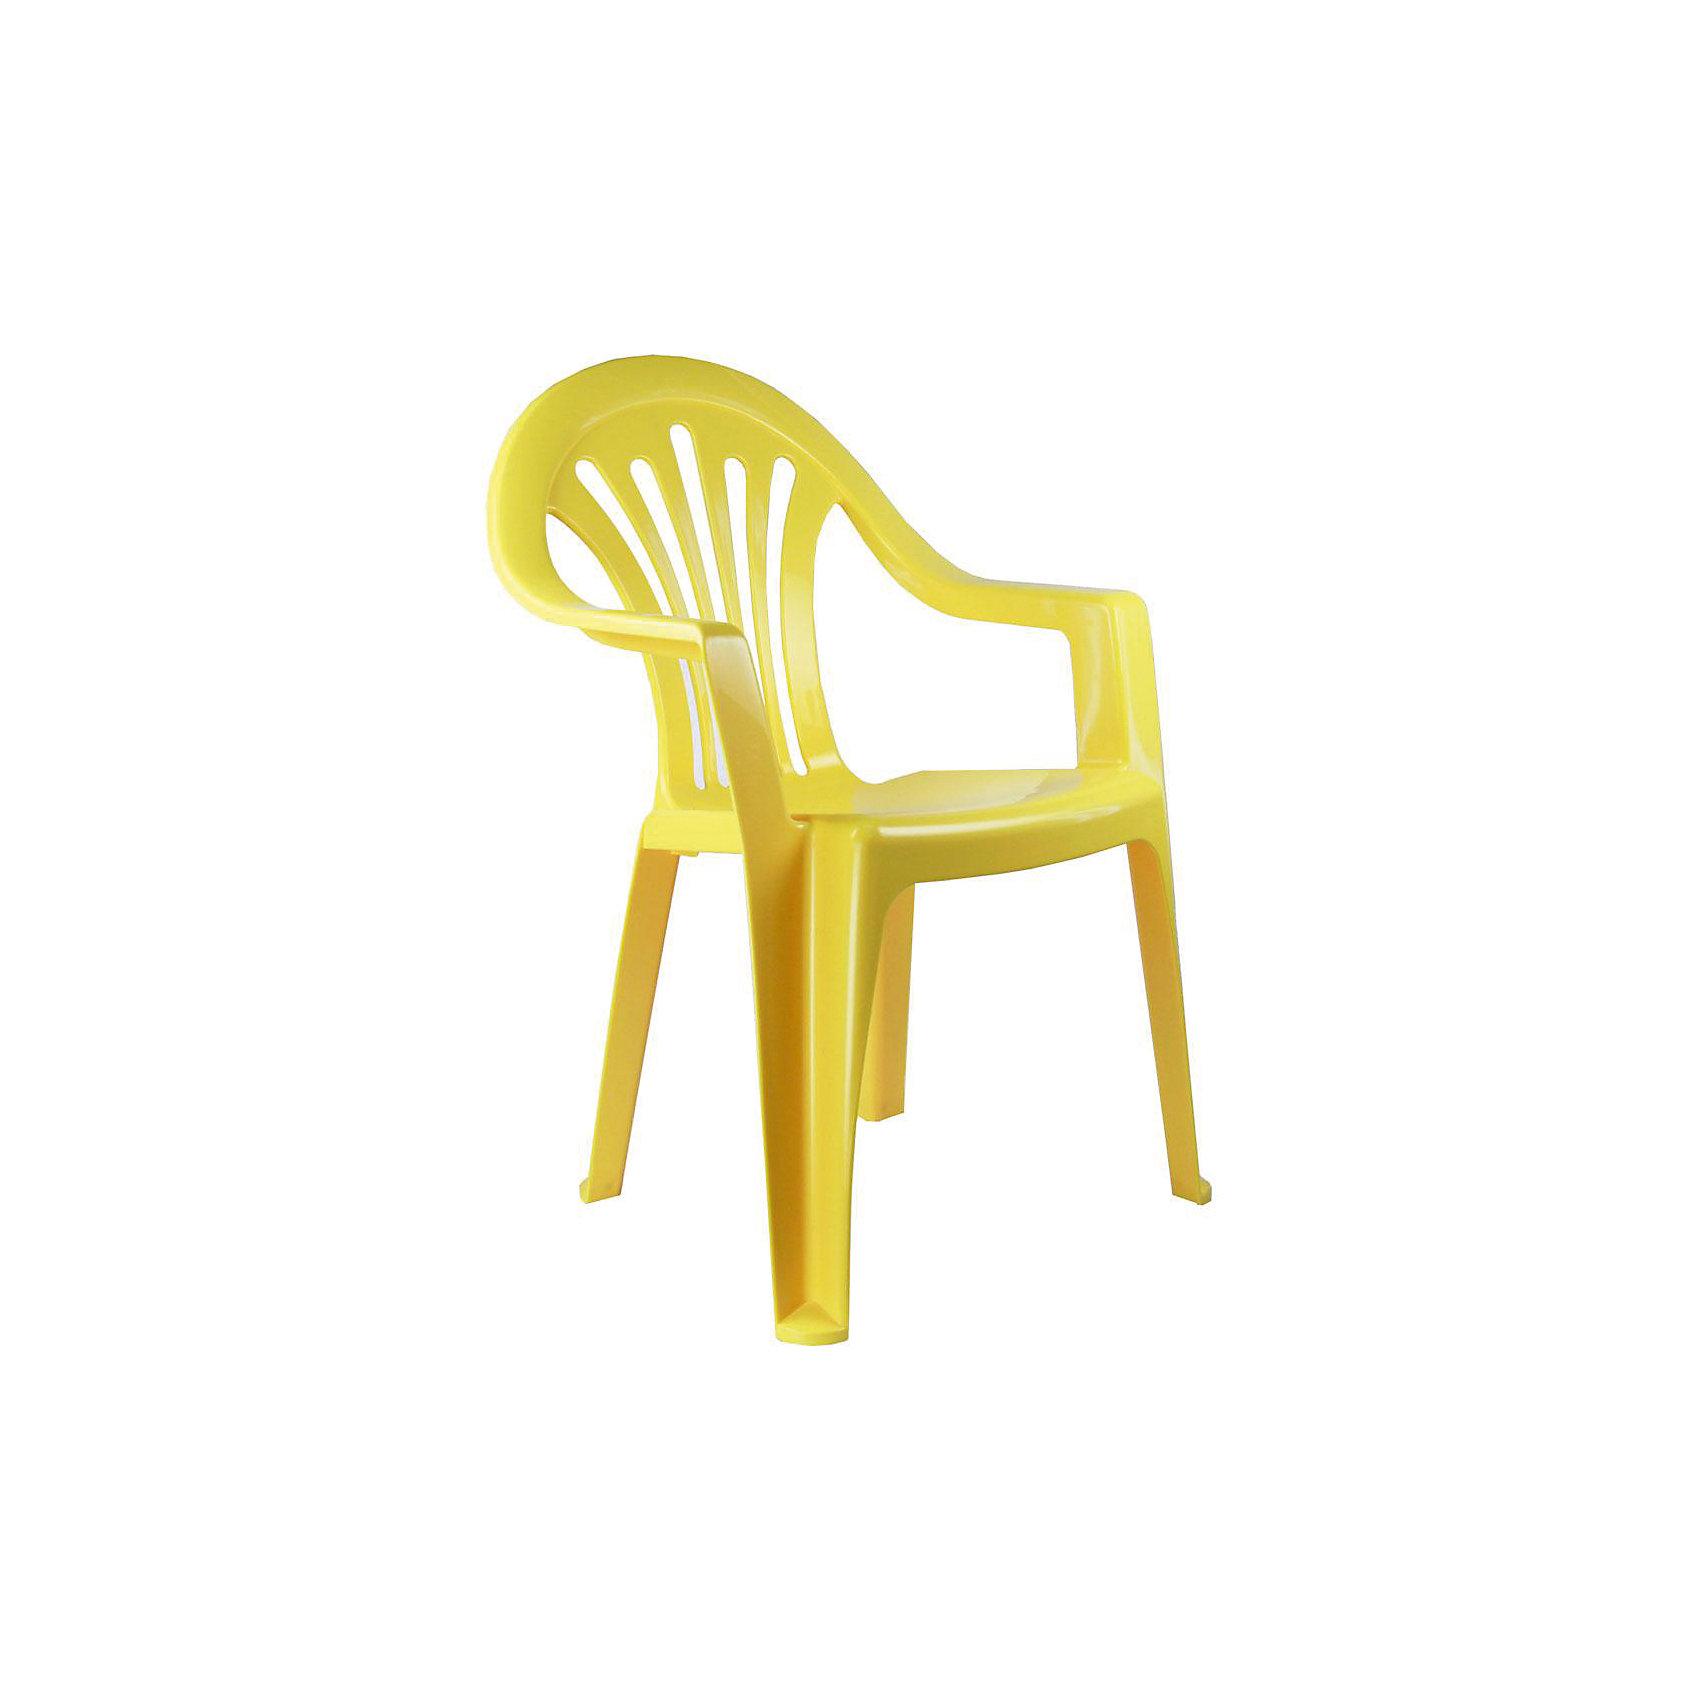 Кресло детское, Alternativa, жёлтыйХарактеристики:<br><br>• Предназначение: для дома, для дачи<br>• Пол: универсальный<br>• Материал: пластик<br>• Цвет: желтый<br>• Размер (Д*Ш*В): 37*57*35 см<br>• Вес: 850 г<br>• Особенности ухода: разрешается мыть теплой водой<br><br>Кресло детское, Alternativa, желтый изготовлено отечественным производителем ООО ЗПИ Альтернатива, который специализируется на выпуске широкого спектра изделий из пластика. Стульчик выполнен из безопасного нетоксичного, но прочного пластика. Он имеет устойчивую форму за счет широко расставленных ножек. Для удобства предусмотрена широкая и высокая спинка, а также подлокотники. Стульчик имеет компактную форму и легкий вес, поэтому его удобно использовать не только дома, но и на даче. Стульчик предназначен для детей, которые уже умеют уверенно сидеть, его можно использовать для кормления или занятий за столом. Стульчик имеет яркую окраску и декор на спинке.<br><br>Кресло детское, Alternativa, желтый можно купить в нашем интернет-магазине.<br><br>Ширина мм: 370<br>Глубина мм: 350<br>Высота мм: 570<br>Вес г: 760<br>Возраст от месяцев: 6<br>Возраст до месяцев: 84<br>Пол: Унисекс<br>Возраст: Детский<br>SKU: 5096630